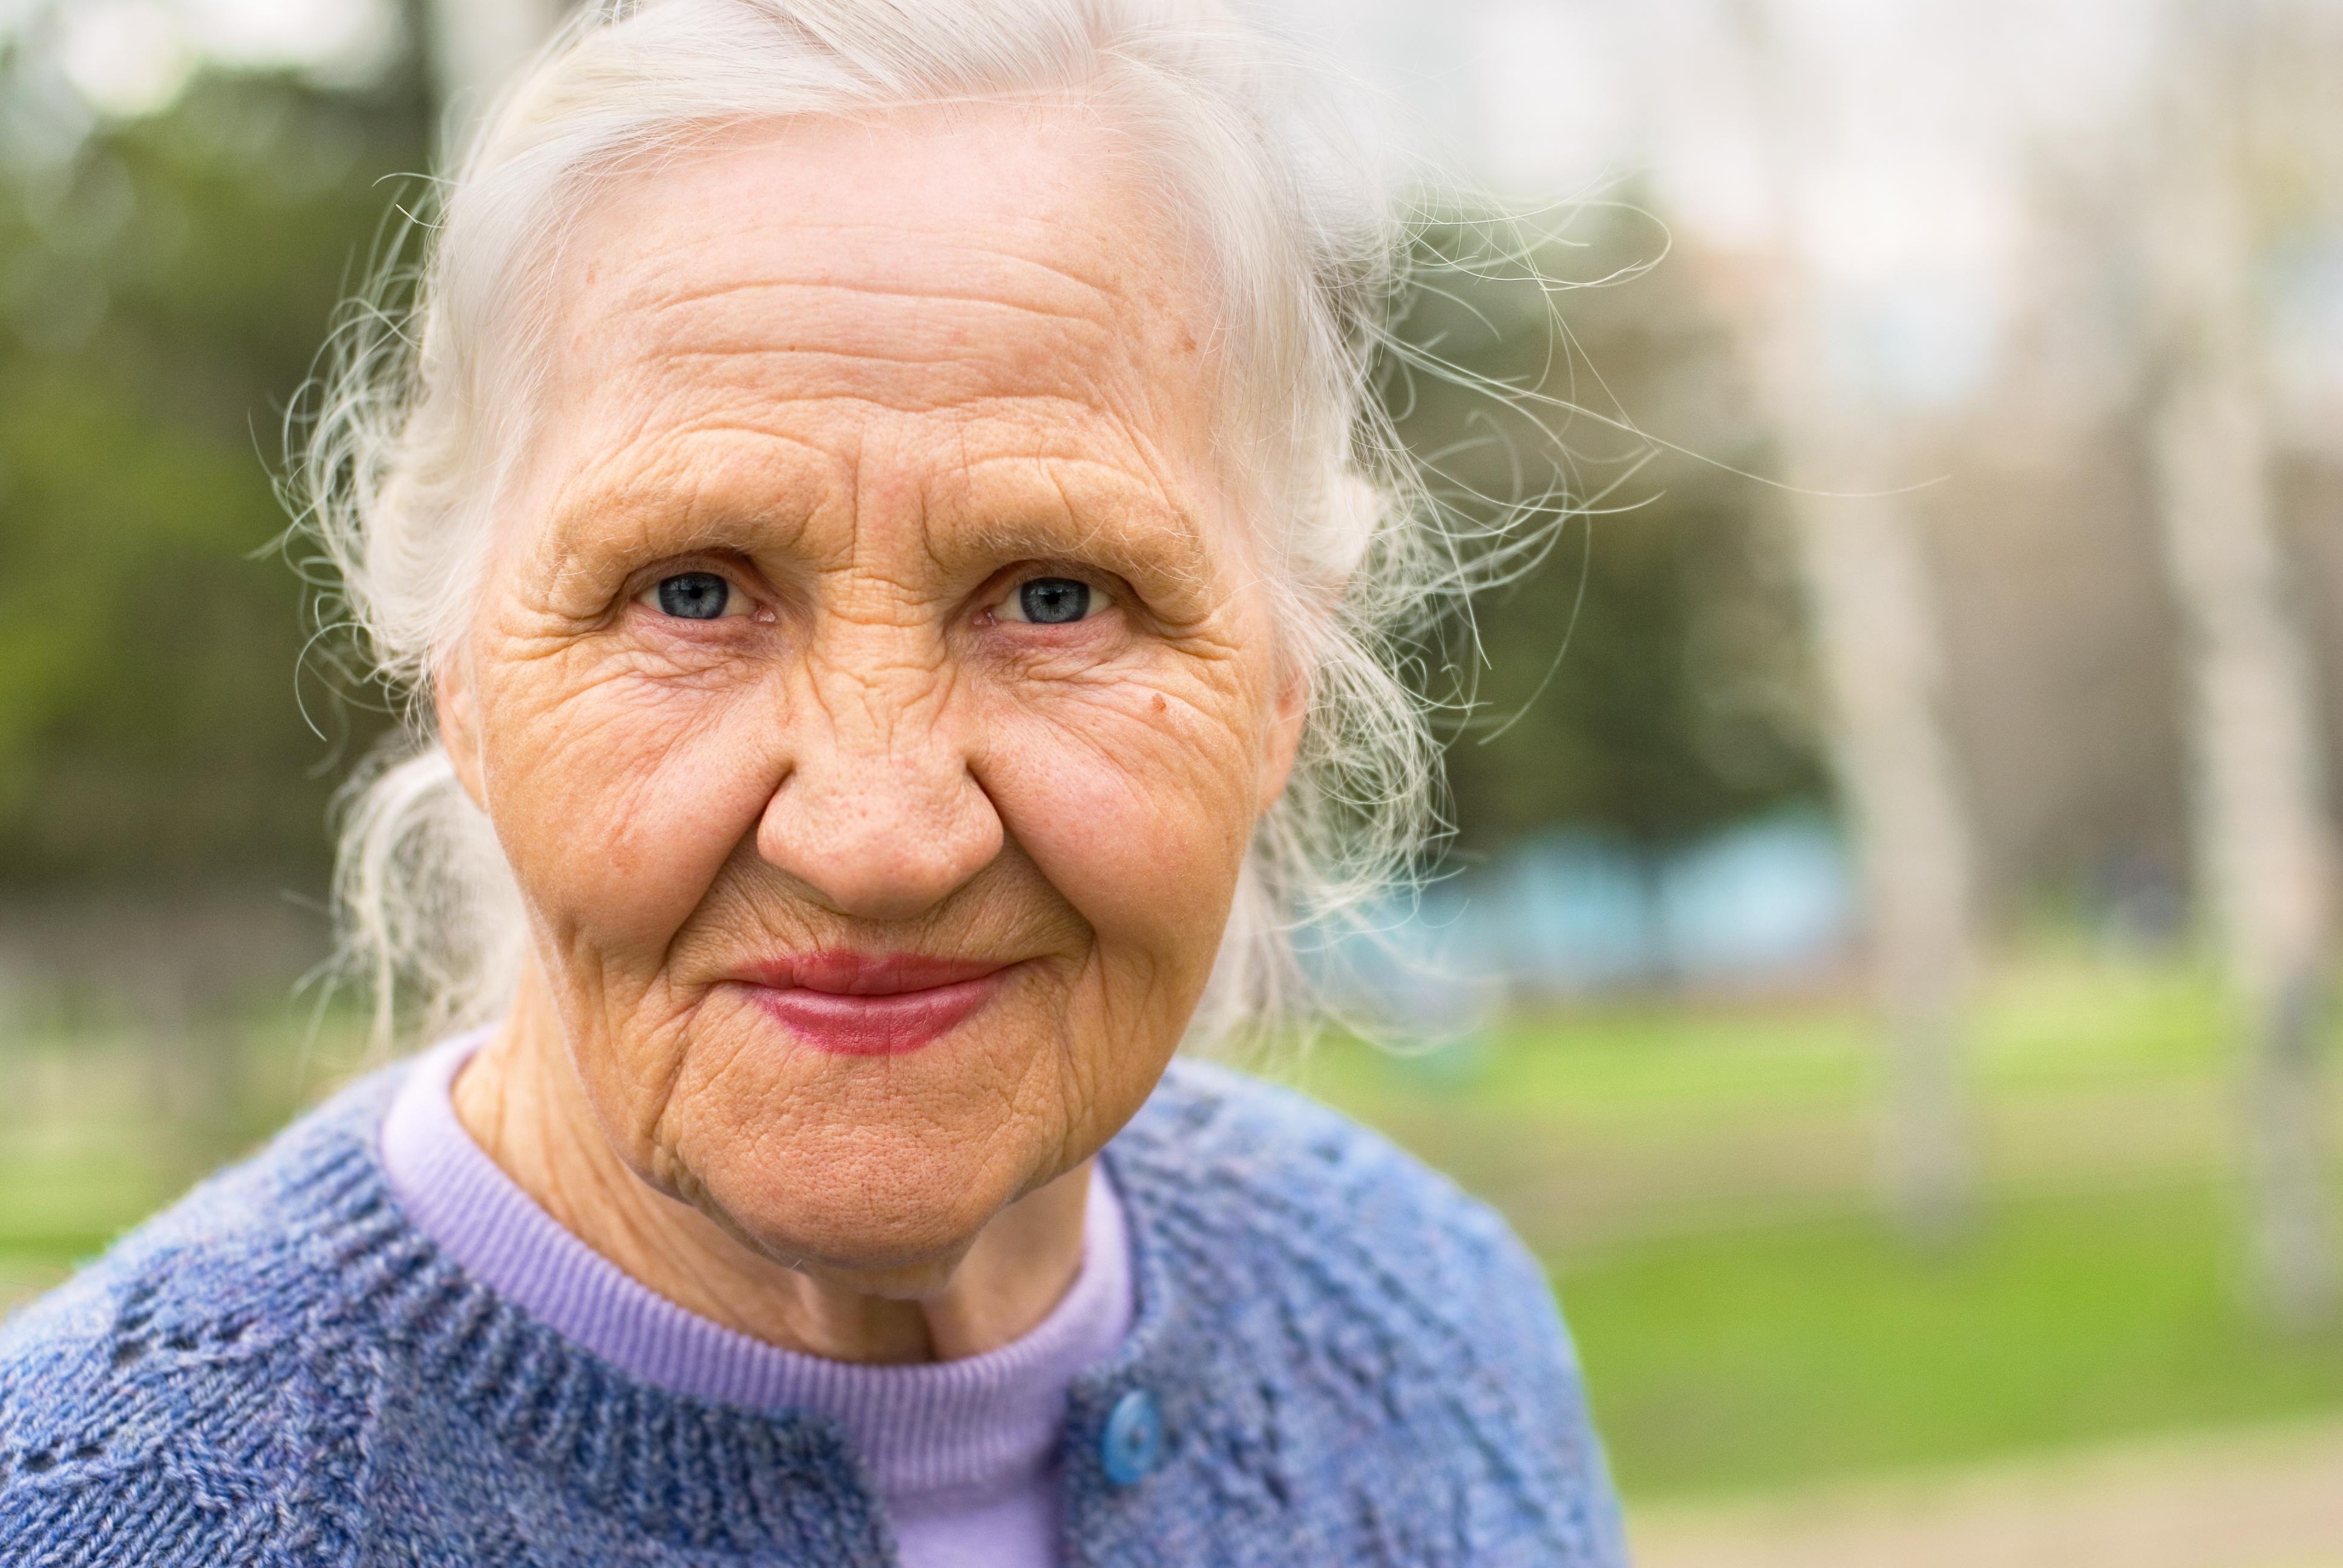 Det finns ingen typisk sjukdomsbild vid ostoporos eller benskörhet, det är en tyst sjukdom som inte ger några besvär förrän man drabbas av en fraktur.